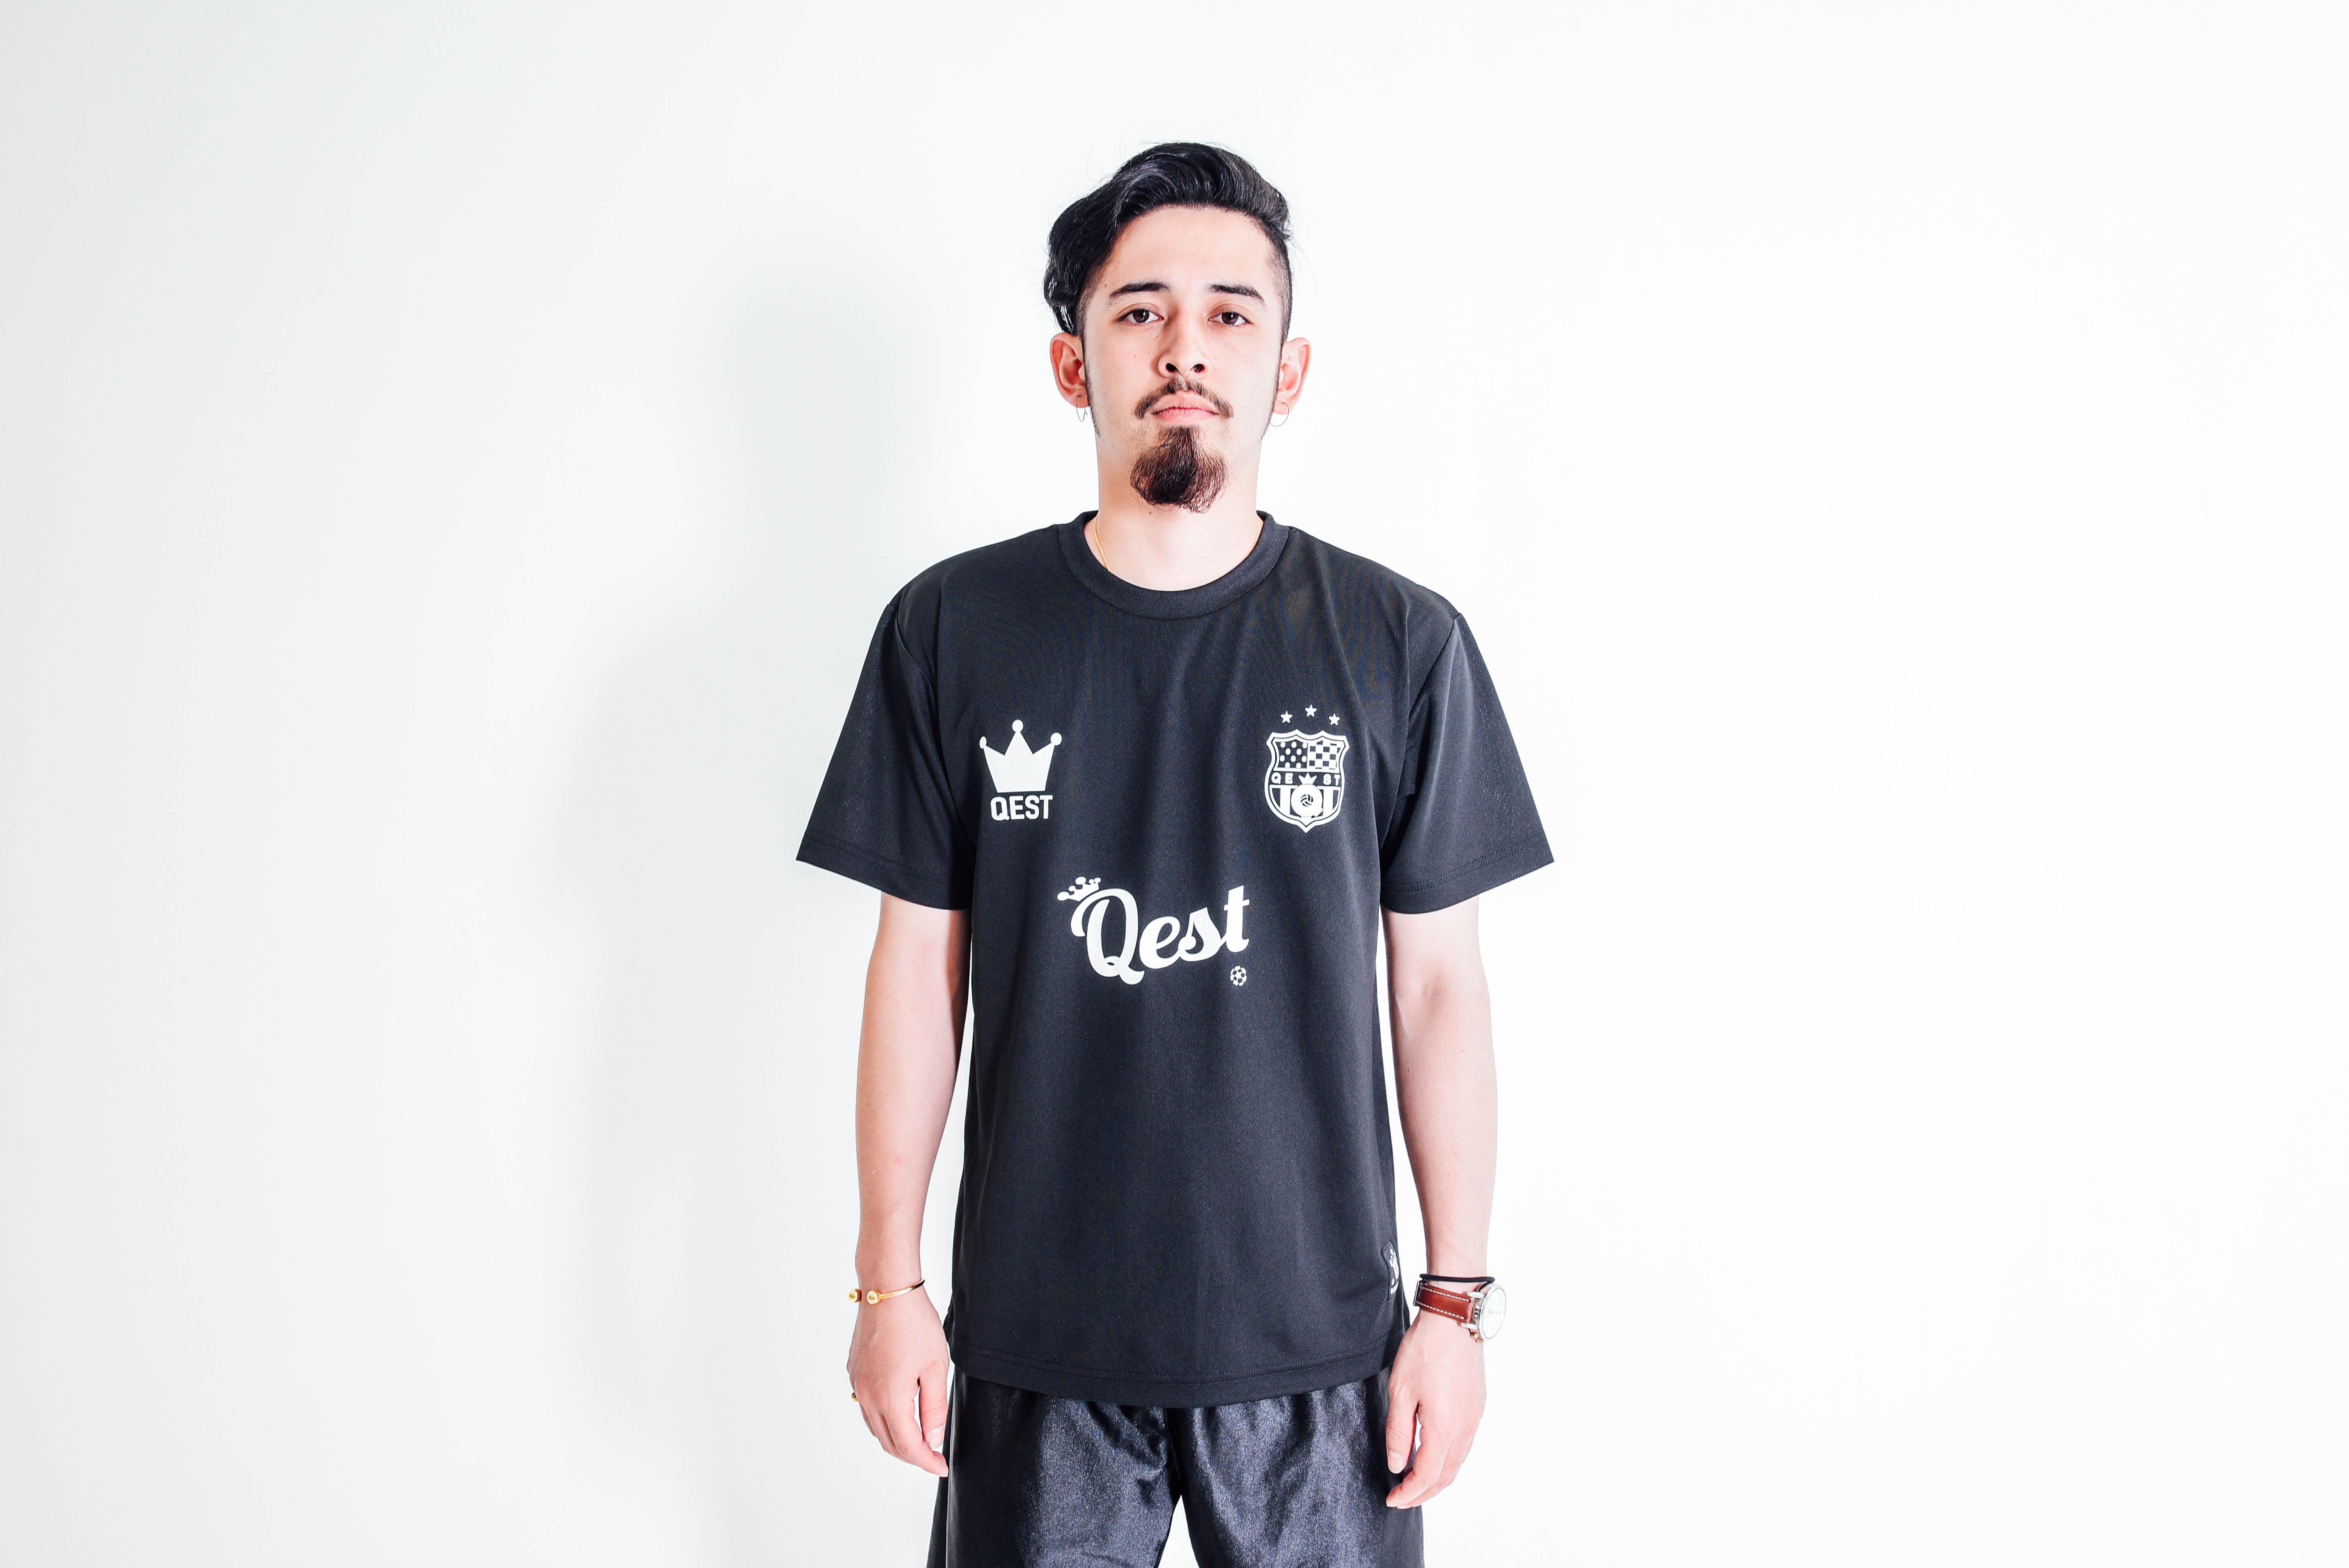 Qest Crown Practice Shirt / Black - 画像4